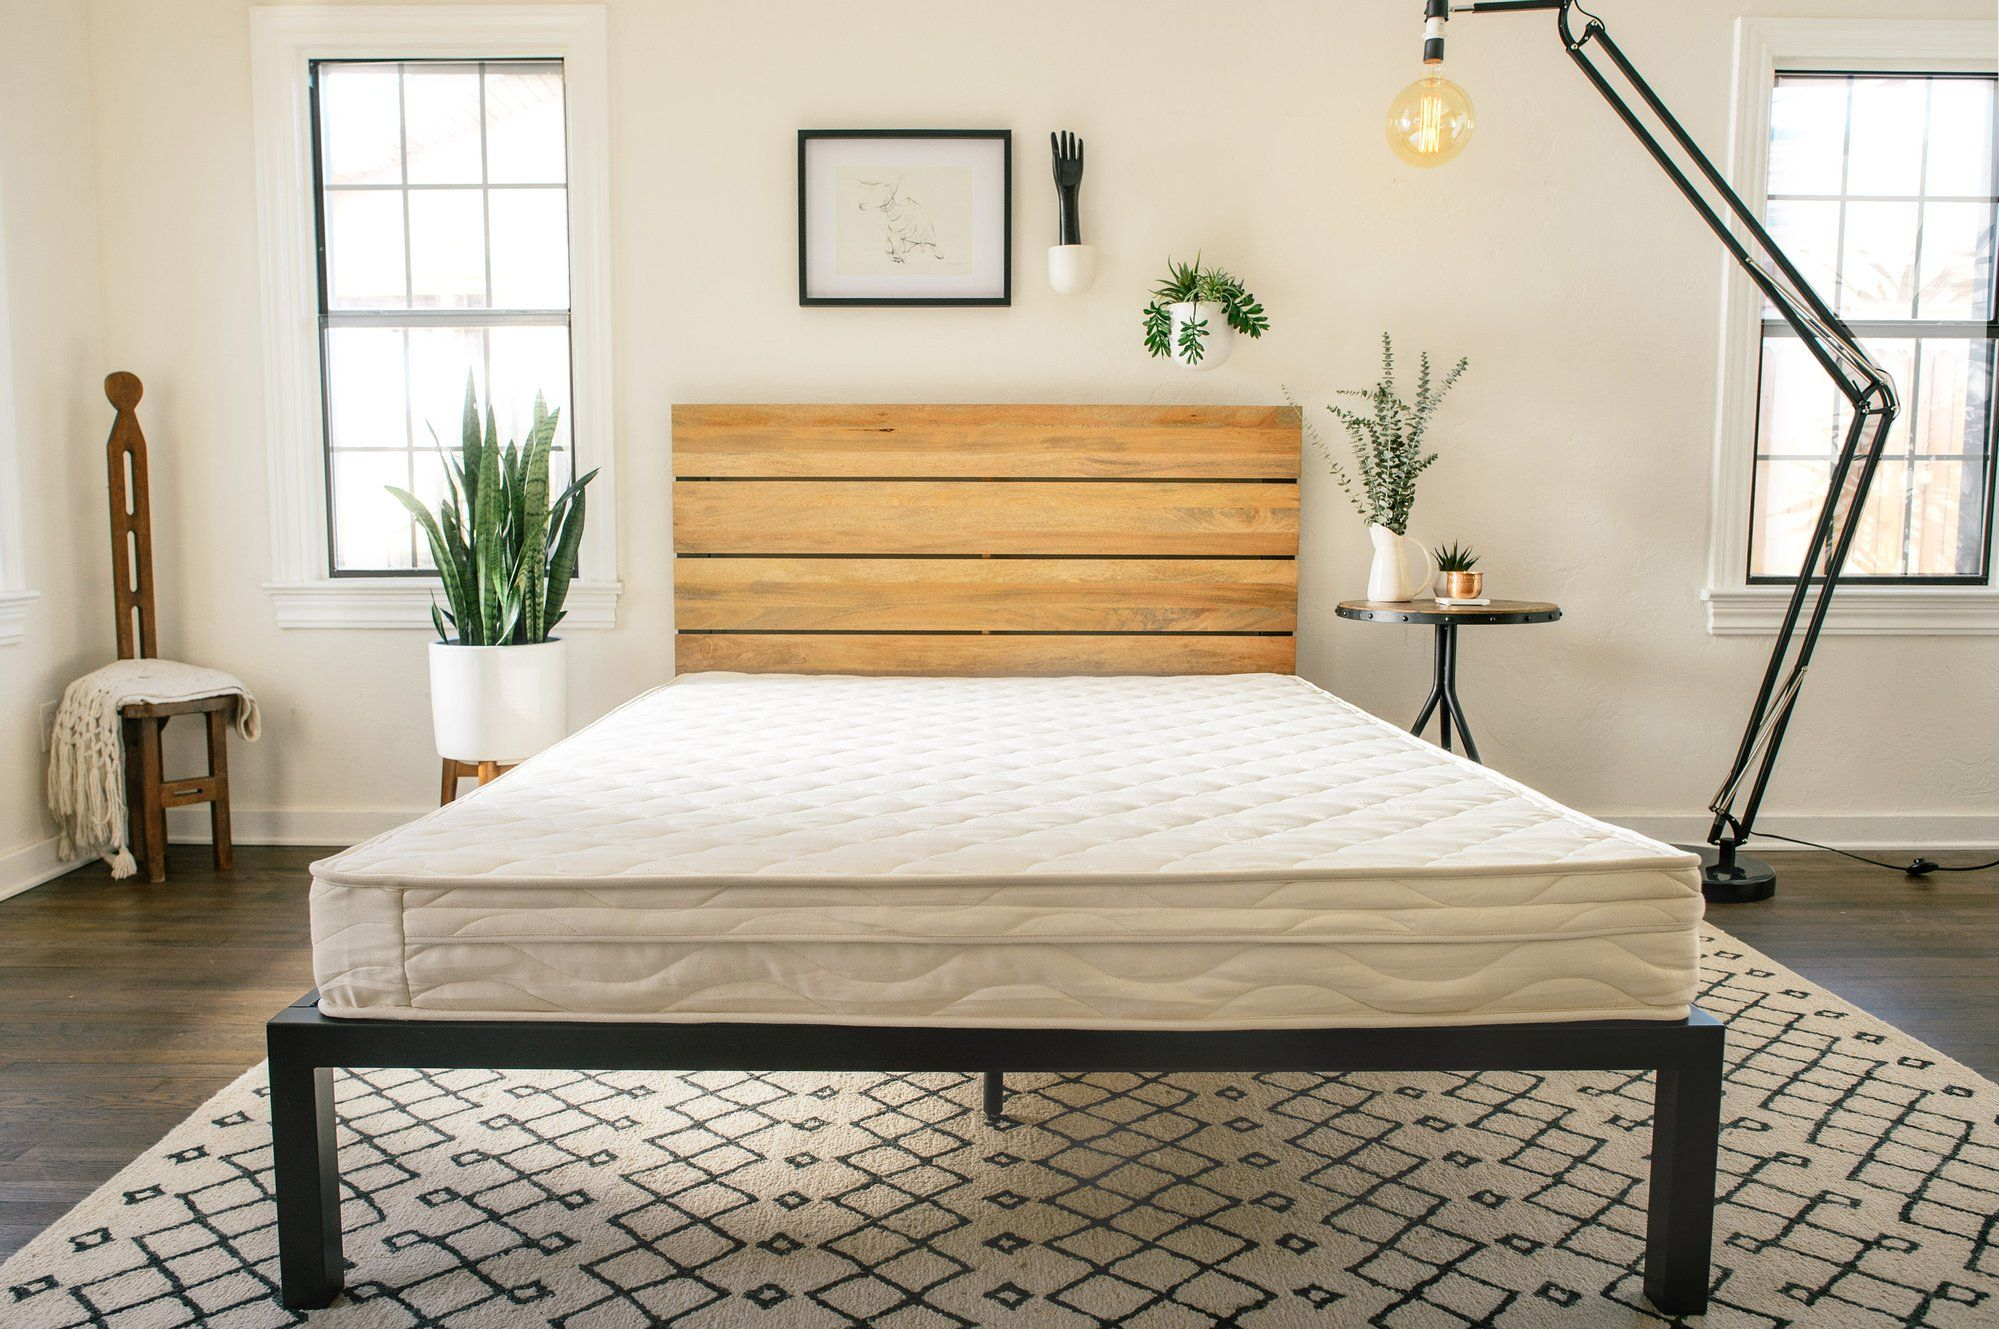 The Metta Organic Mattress In 2020 Best Mattress Bed Mattress New Beds